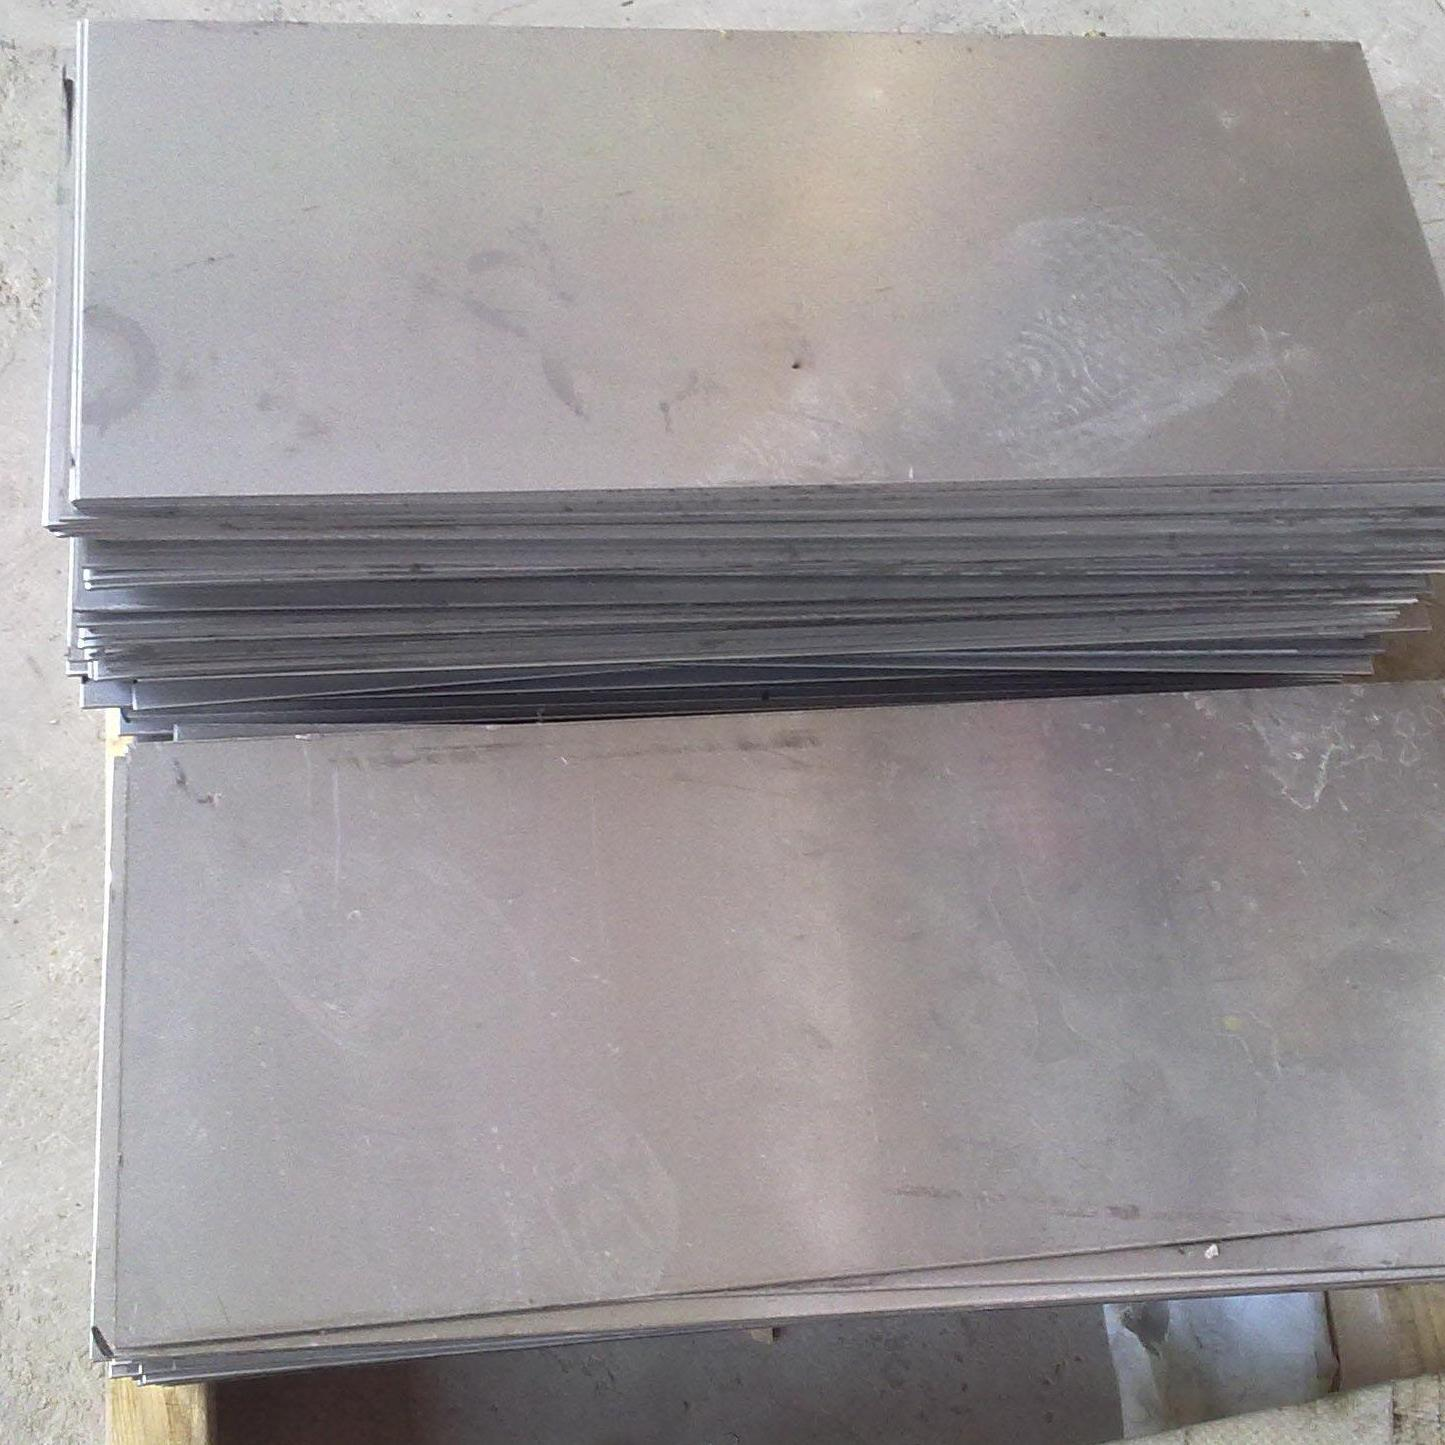 广东销售进口KOVAR科瓦玻封合金薄板 现货KOVAR科瓦板